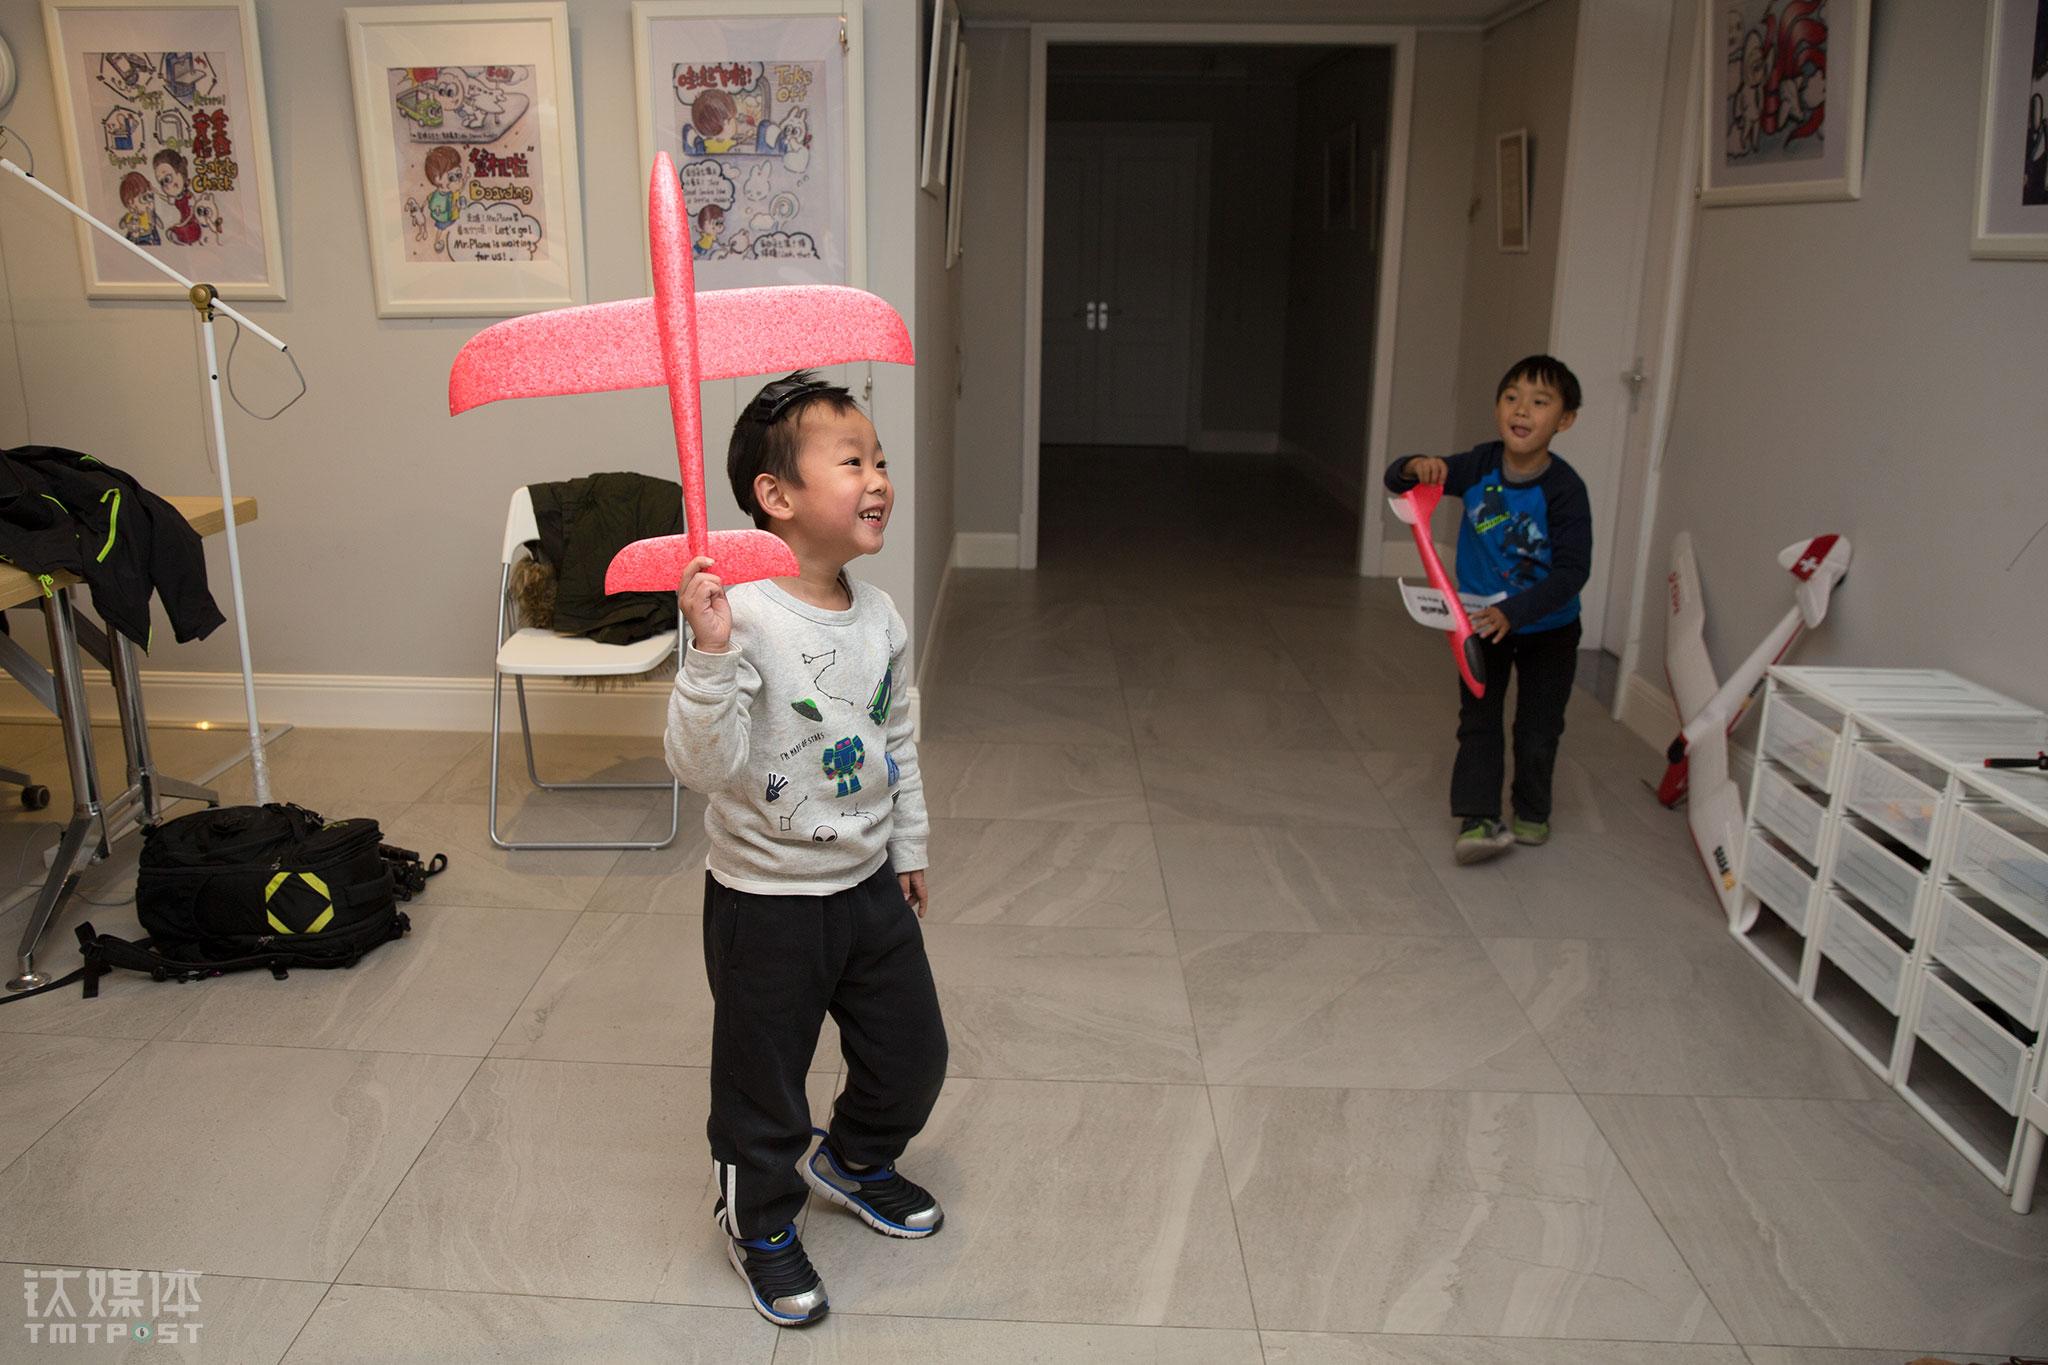 """课后,两名小朋友在航模教室玩起了模型。2年时间,有1000多名孩子在Maker航模教室上过课,这些孩子都叫郑富德""""蓝博士"""",因为""""关于蓝天的问题,都可以问他""""。"""